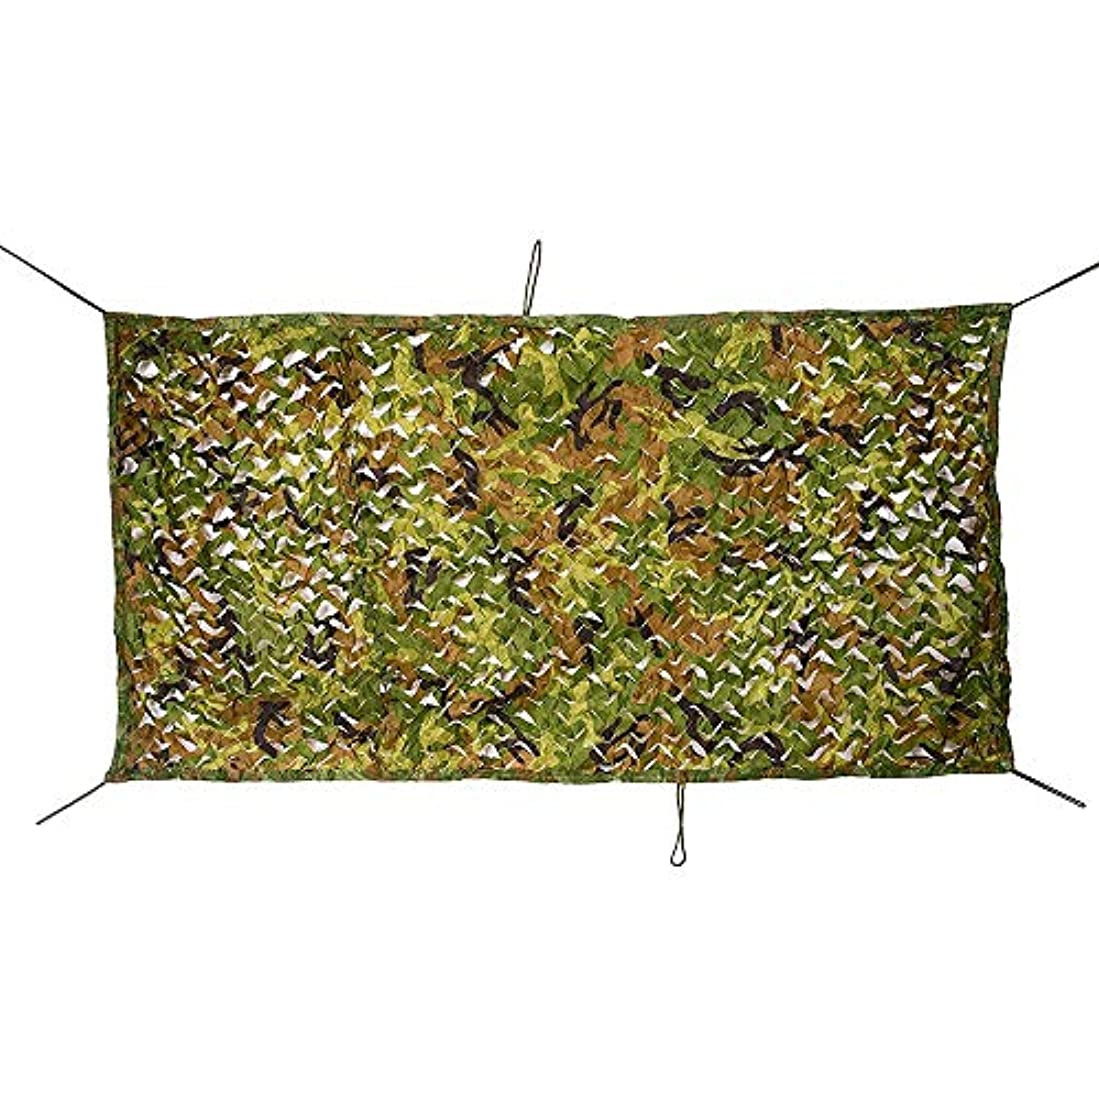 幸運なことにホイスト受信DGLIYJ ジャングルカモフラージュネットキャンプレザー装飾シェードオックスフォードクロスカモフラージュネット (サイズ さいず : 5x6m)